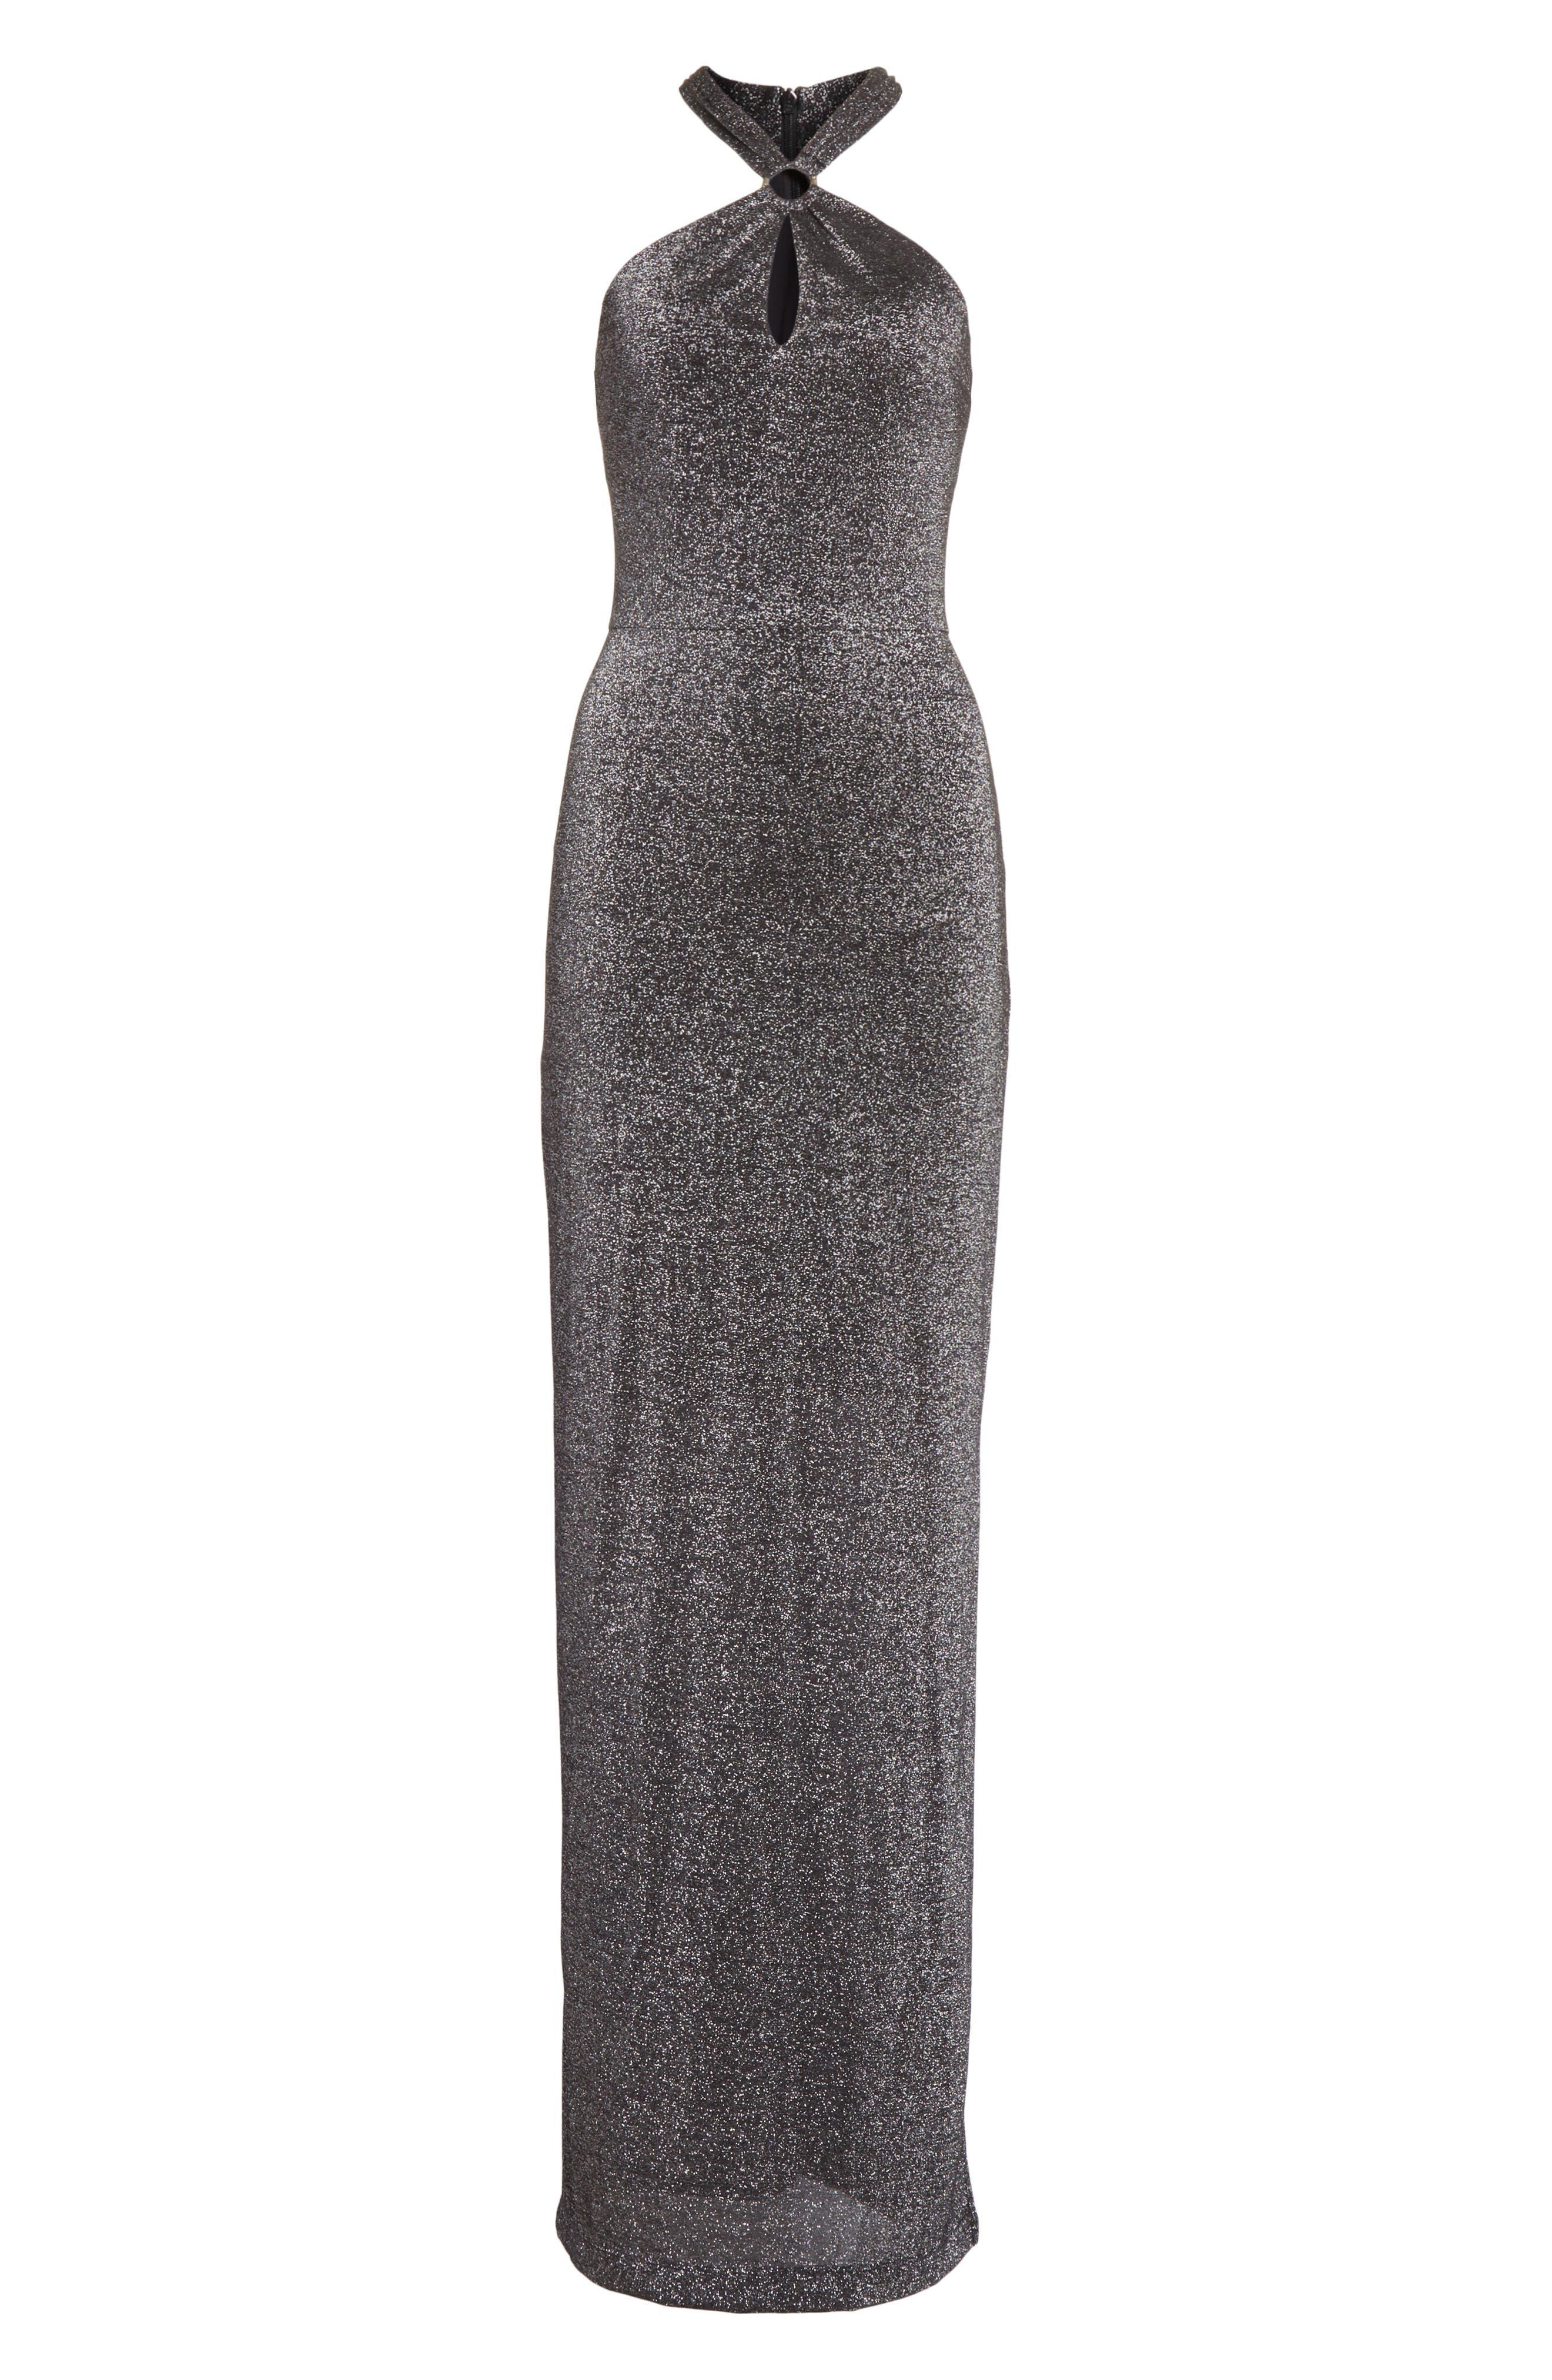 Metallic Knit Maxi Dress,                             Alternate thumbnail 6, color,                             Black